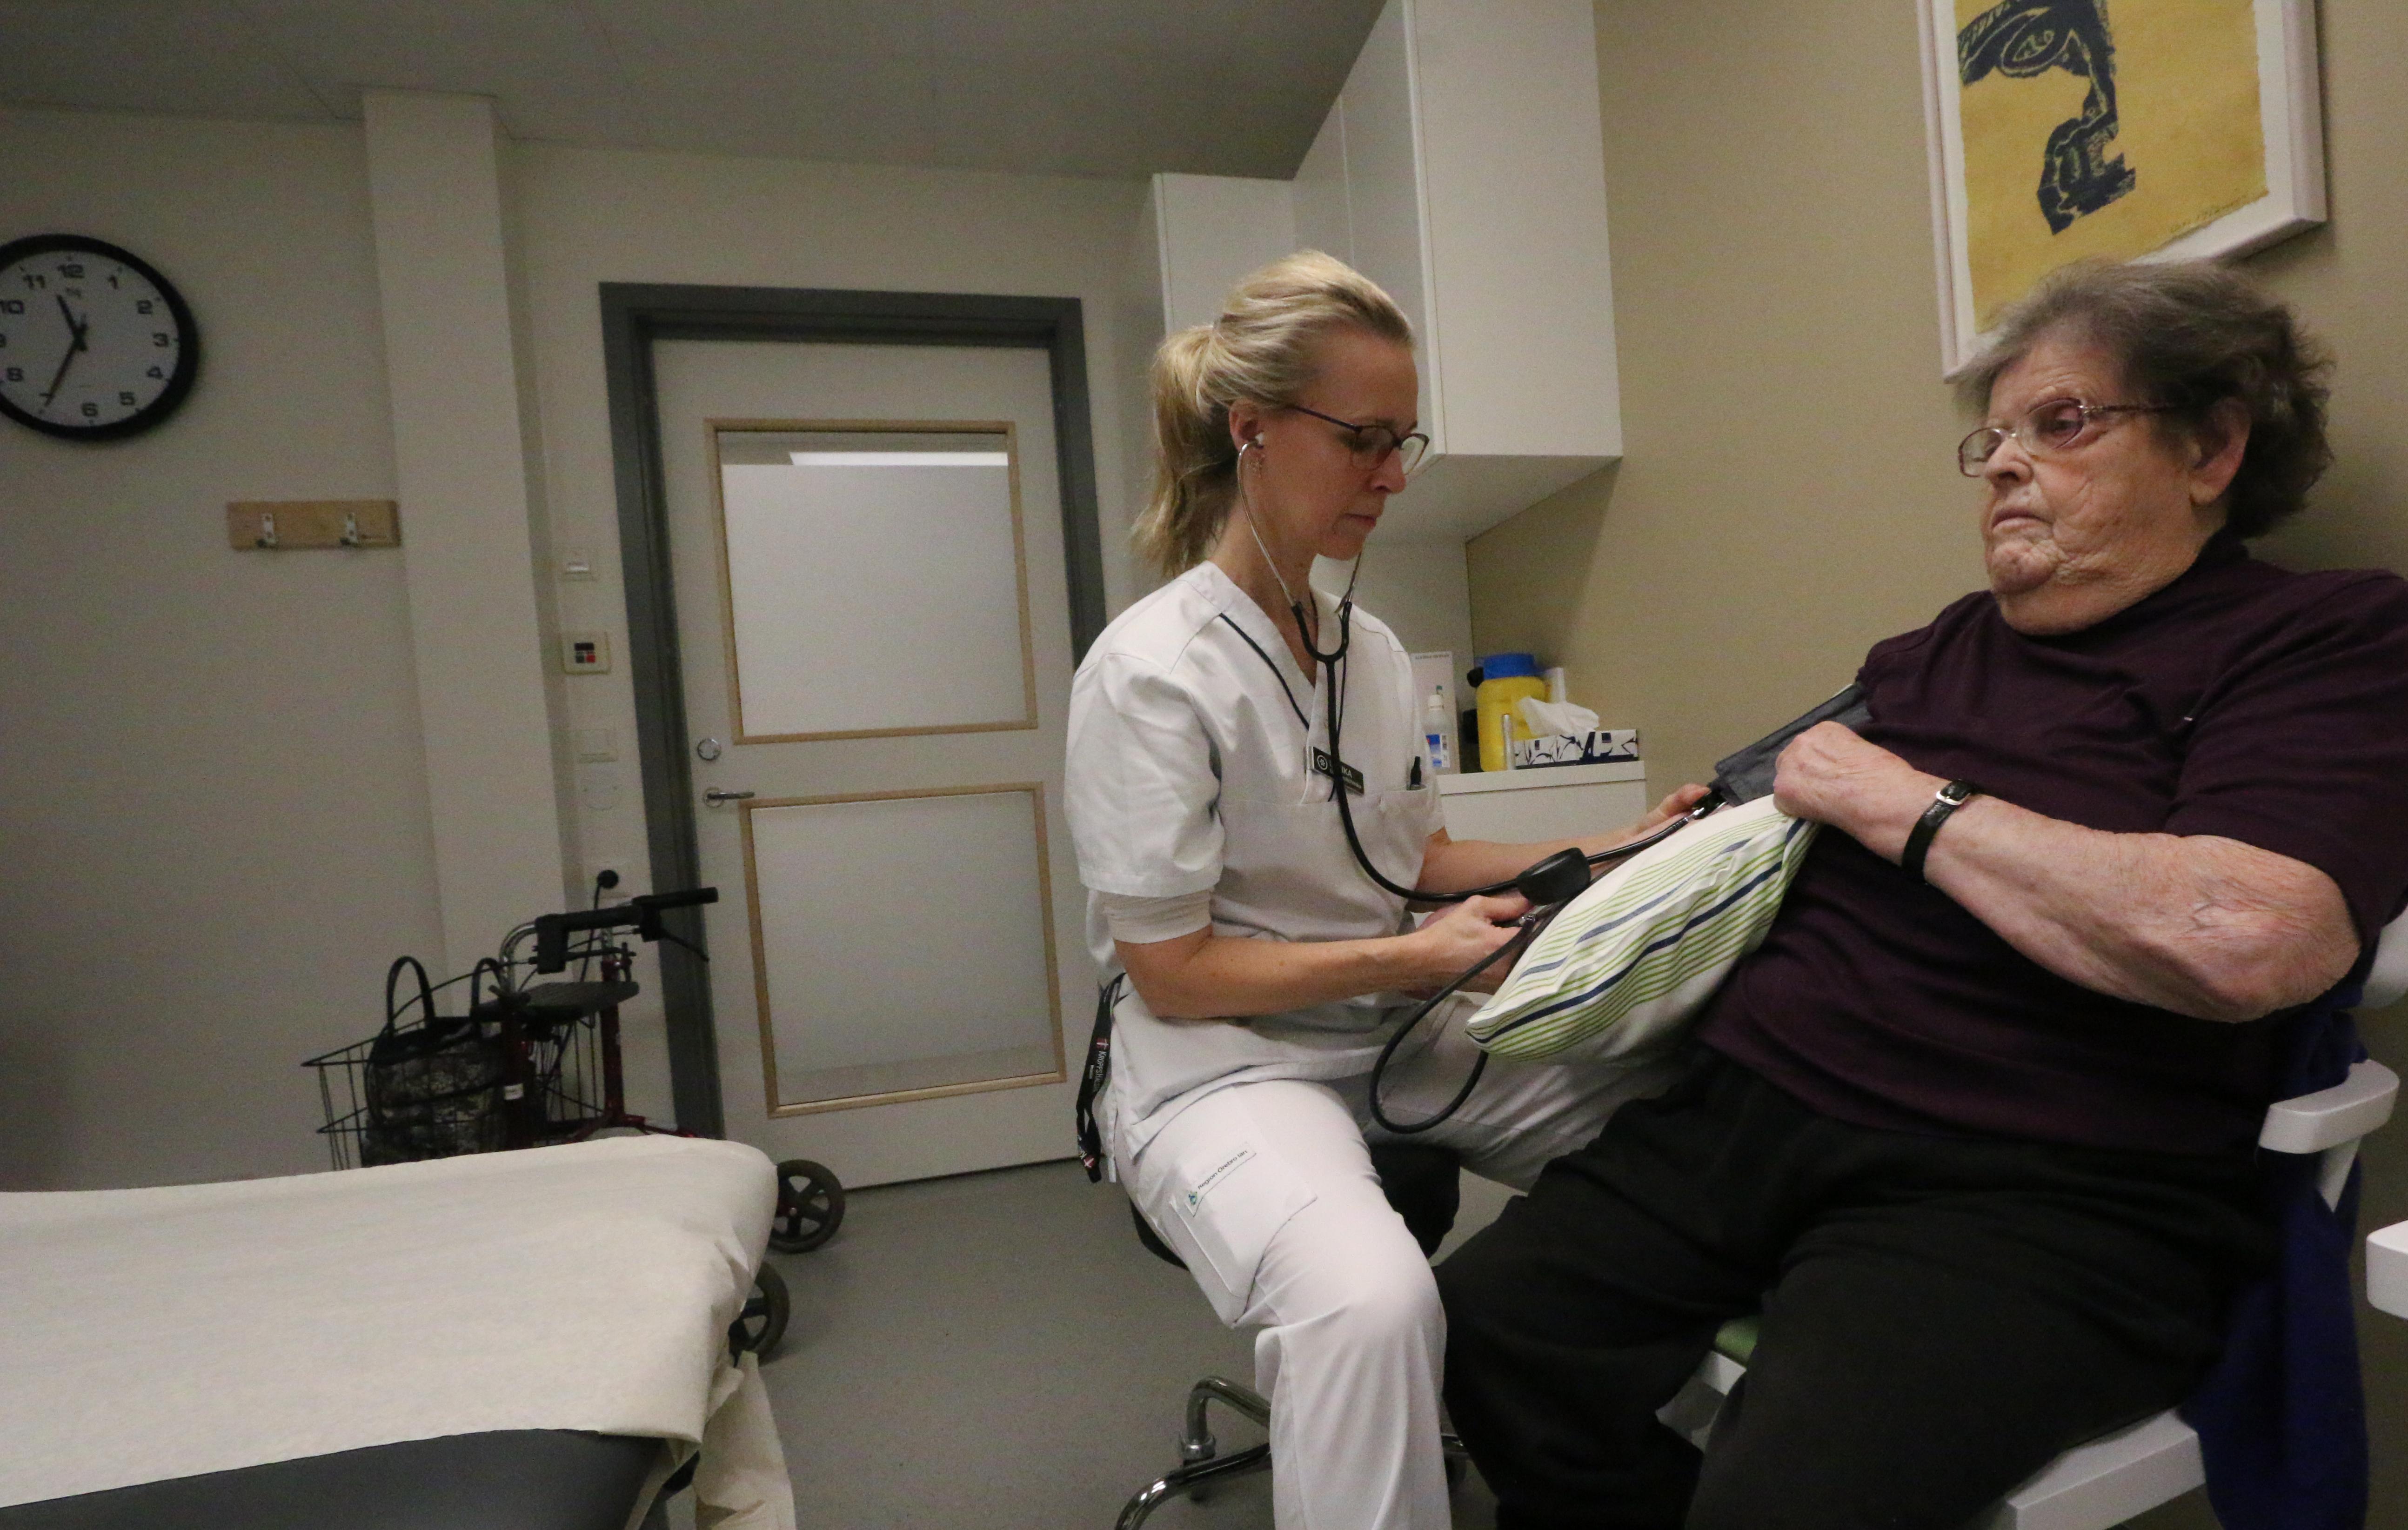 Maj-Britt Edvinsson har en krånglande rygg, en kronisk hornhinneinflammation och dålig hörsel. Här får hon hjälp av distriktssköterskan Ulrika Westerling, på Kumlas äldrevårdsenheten som öppnade i början av året.